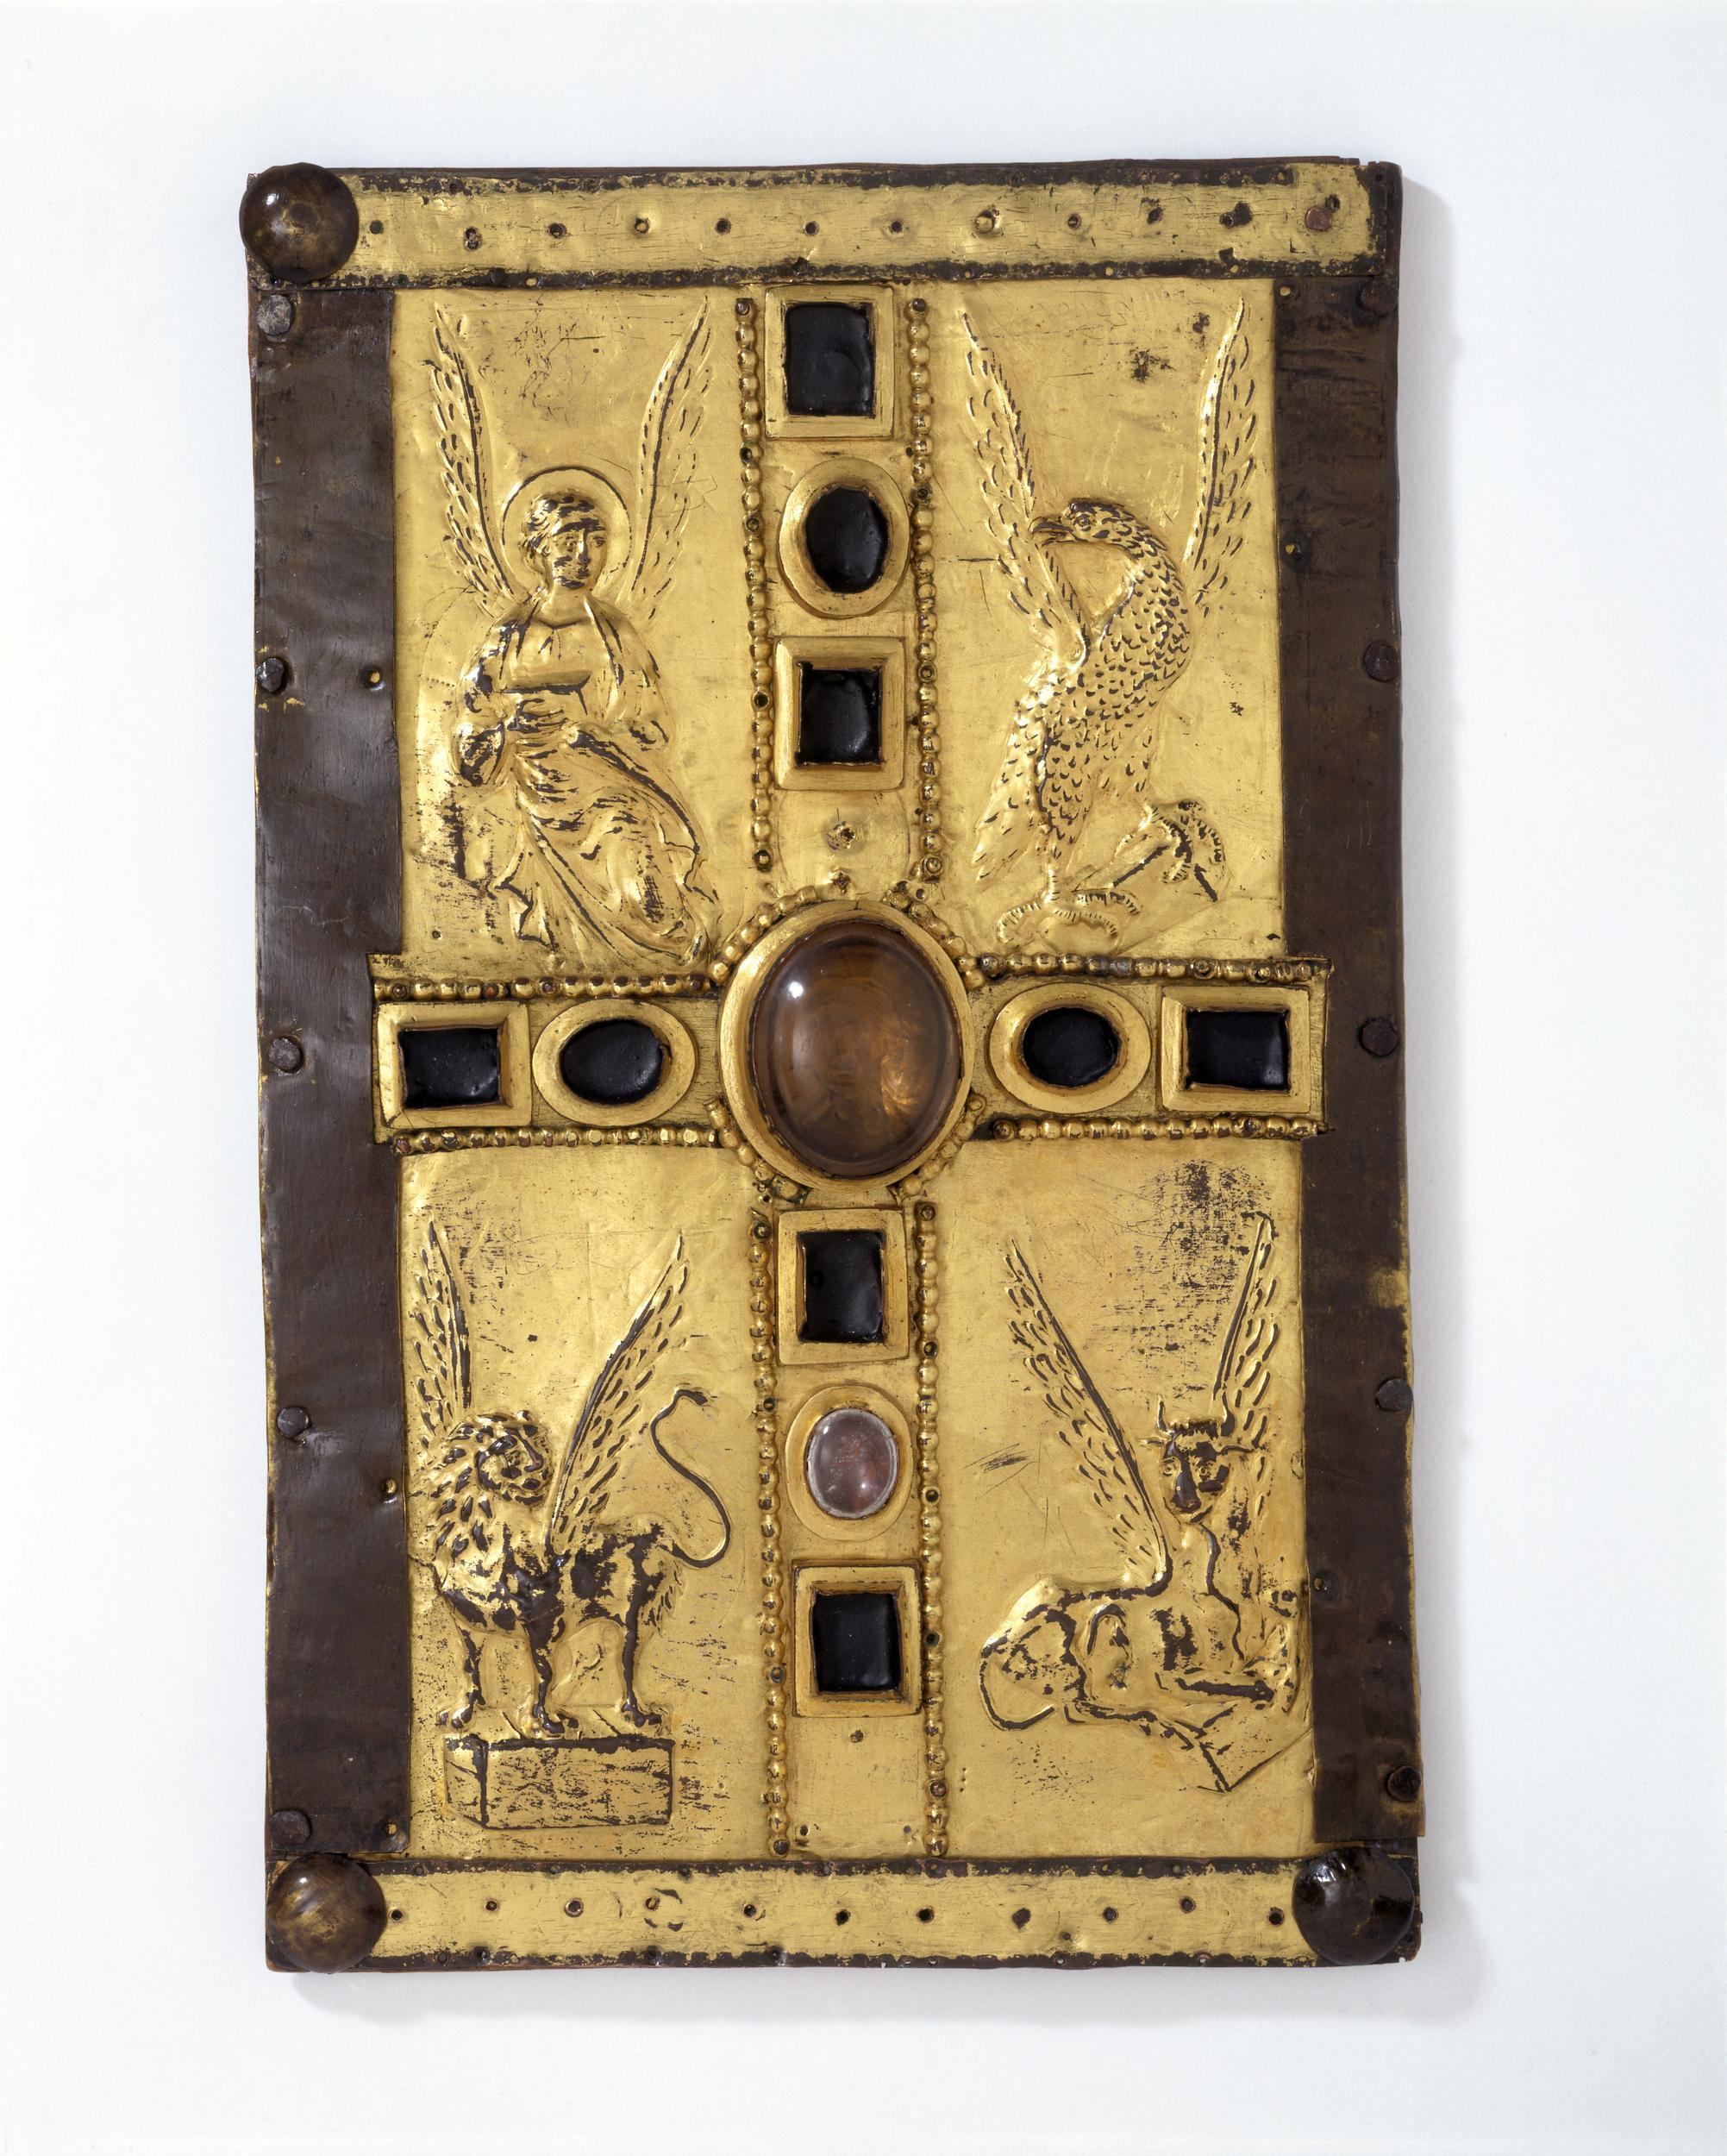 Coffret pour livre d'évangiles. Cuivre doré sur bois serti de joyaux. Les quatre évangélistes sont traités en repoussé, Xe siècle, Allemagne. © Victoria and Albert Museum